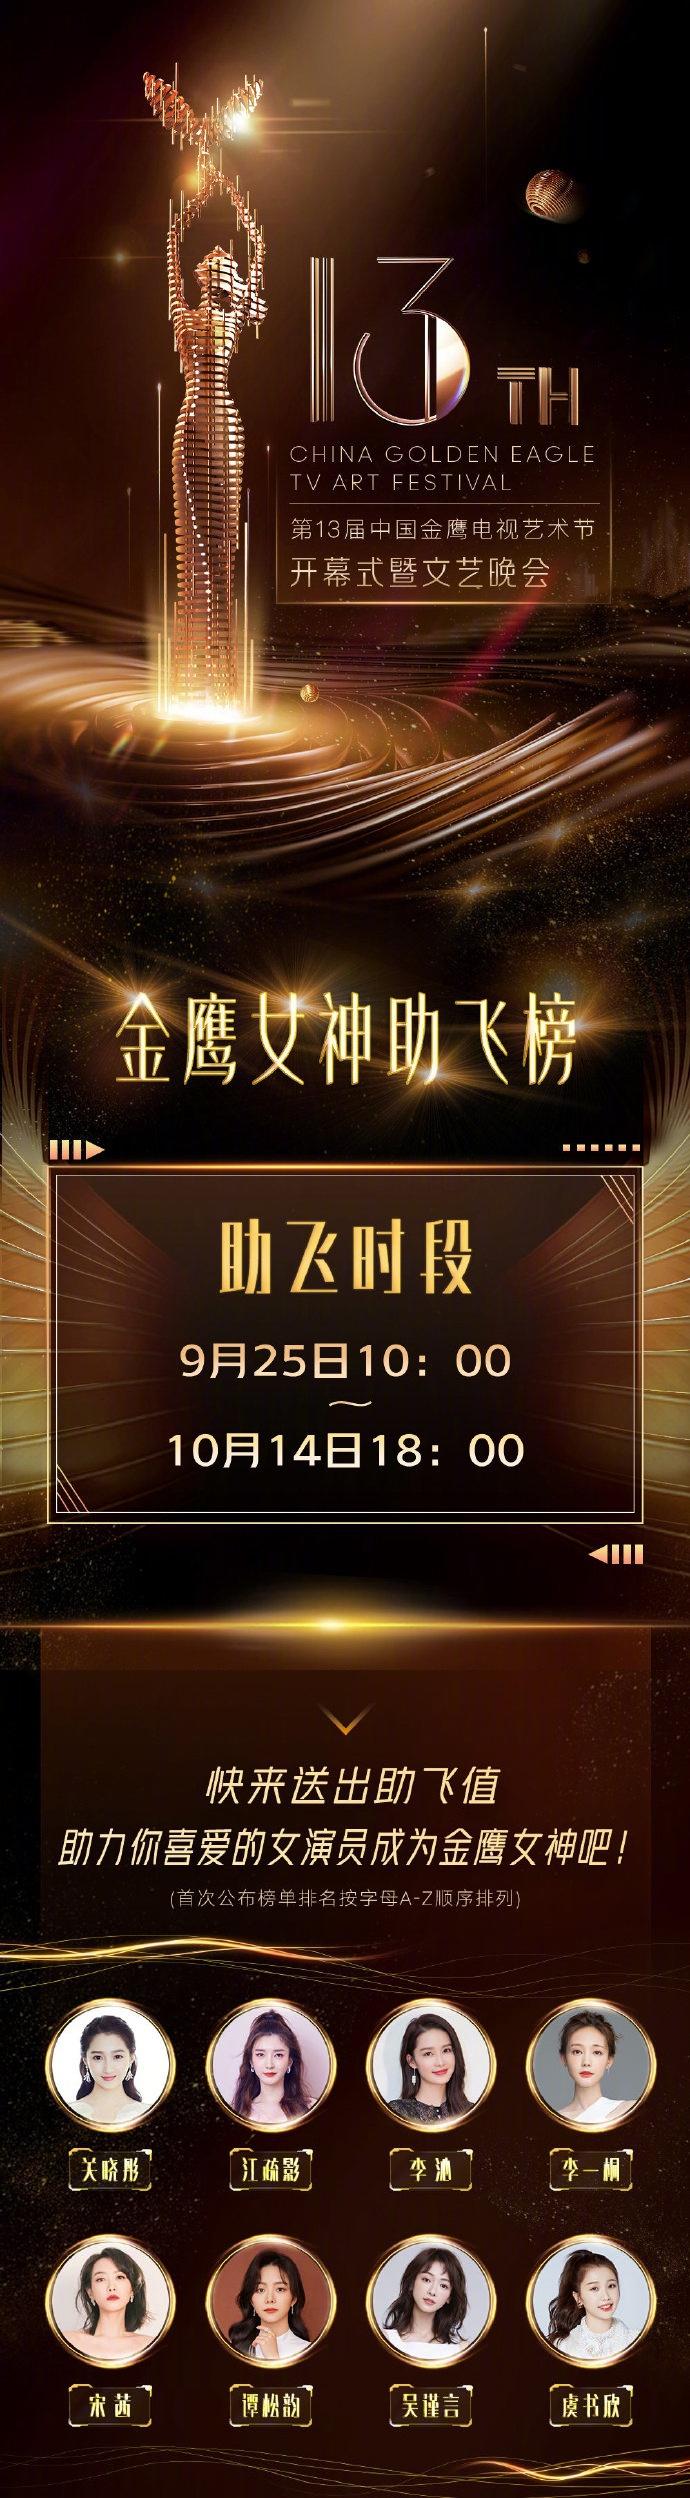 2020金鹰女神候选名单曝光关晓彤宋茜谭松韵等竞争